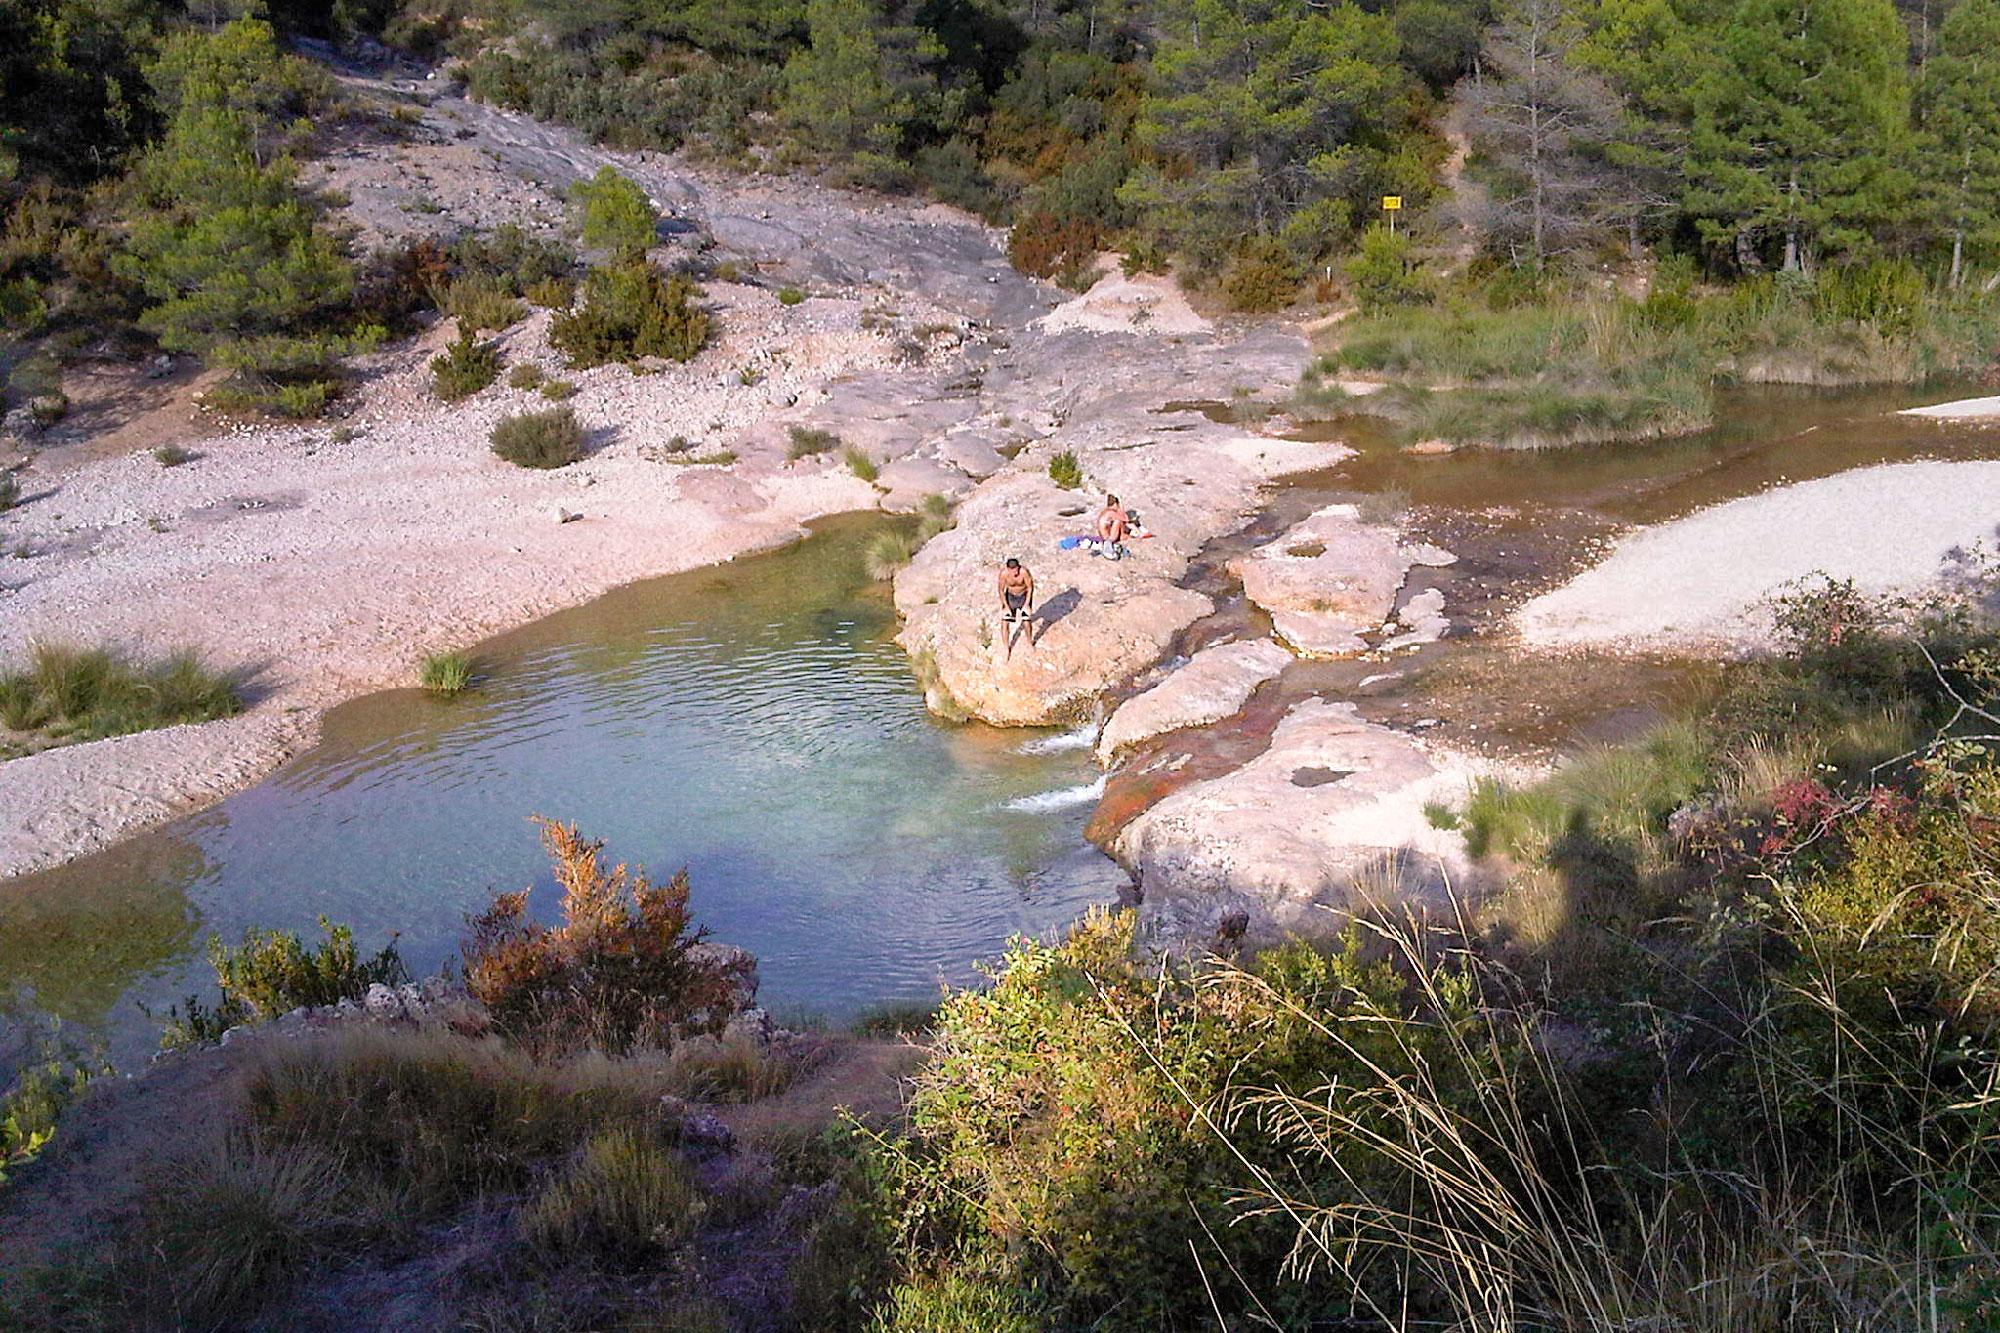 La Pesquera en el río Ulldemó en Beceite